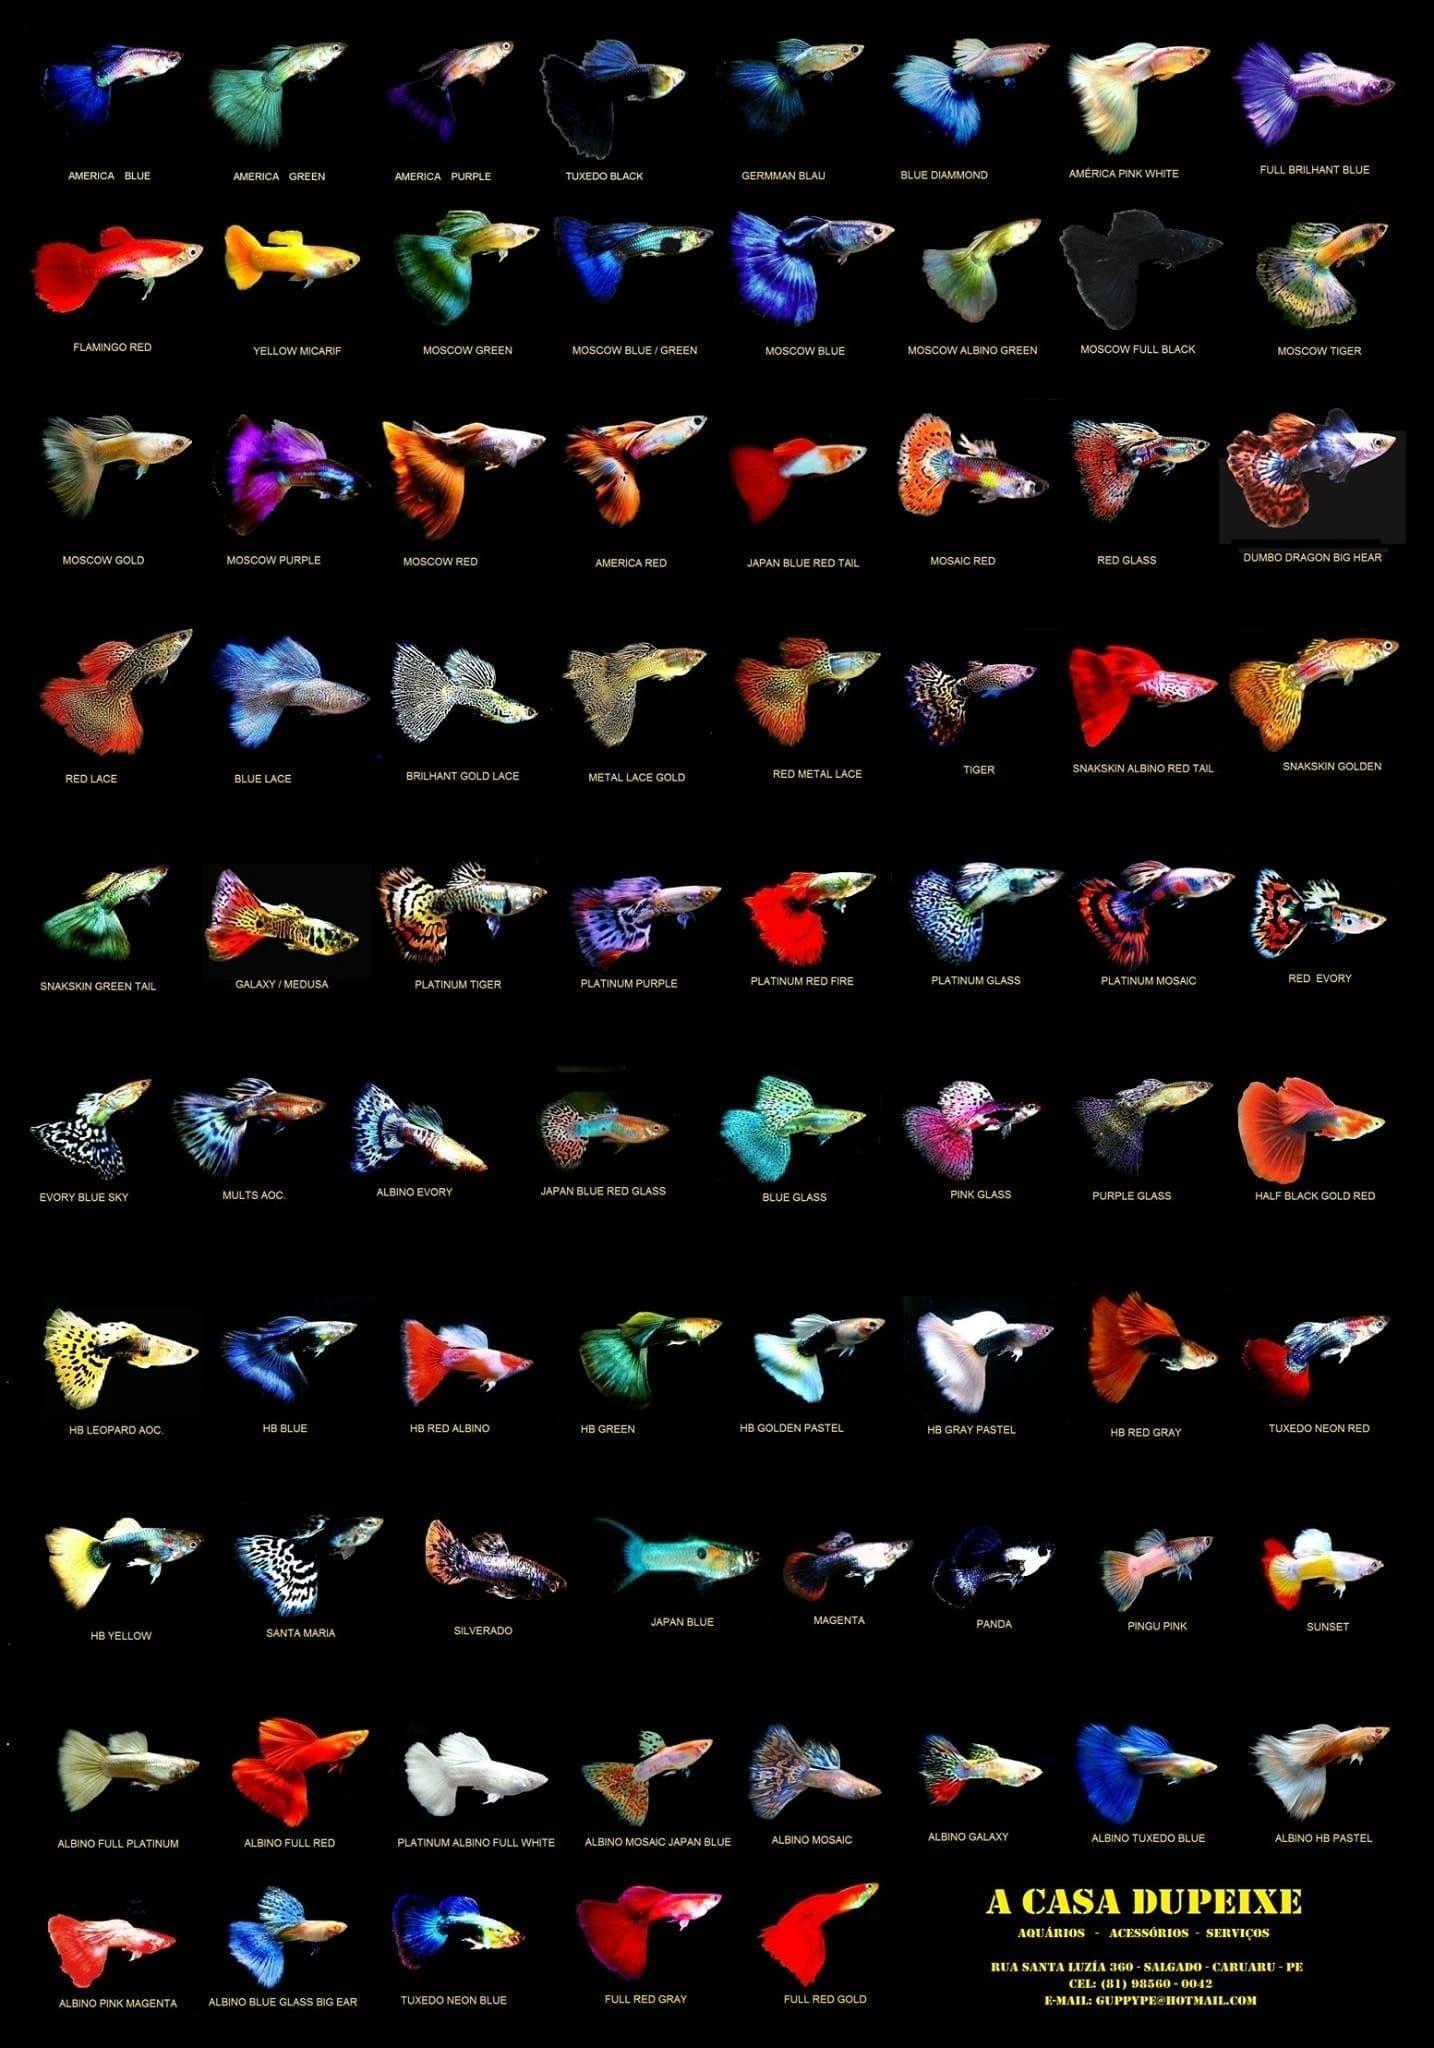 Hình ảnh cá bảy màu - Guppy